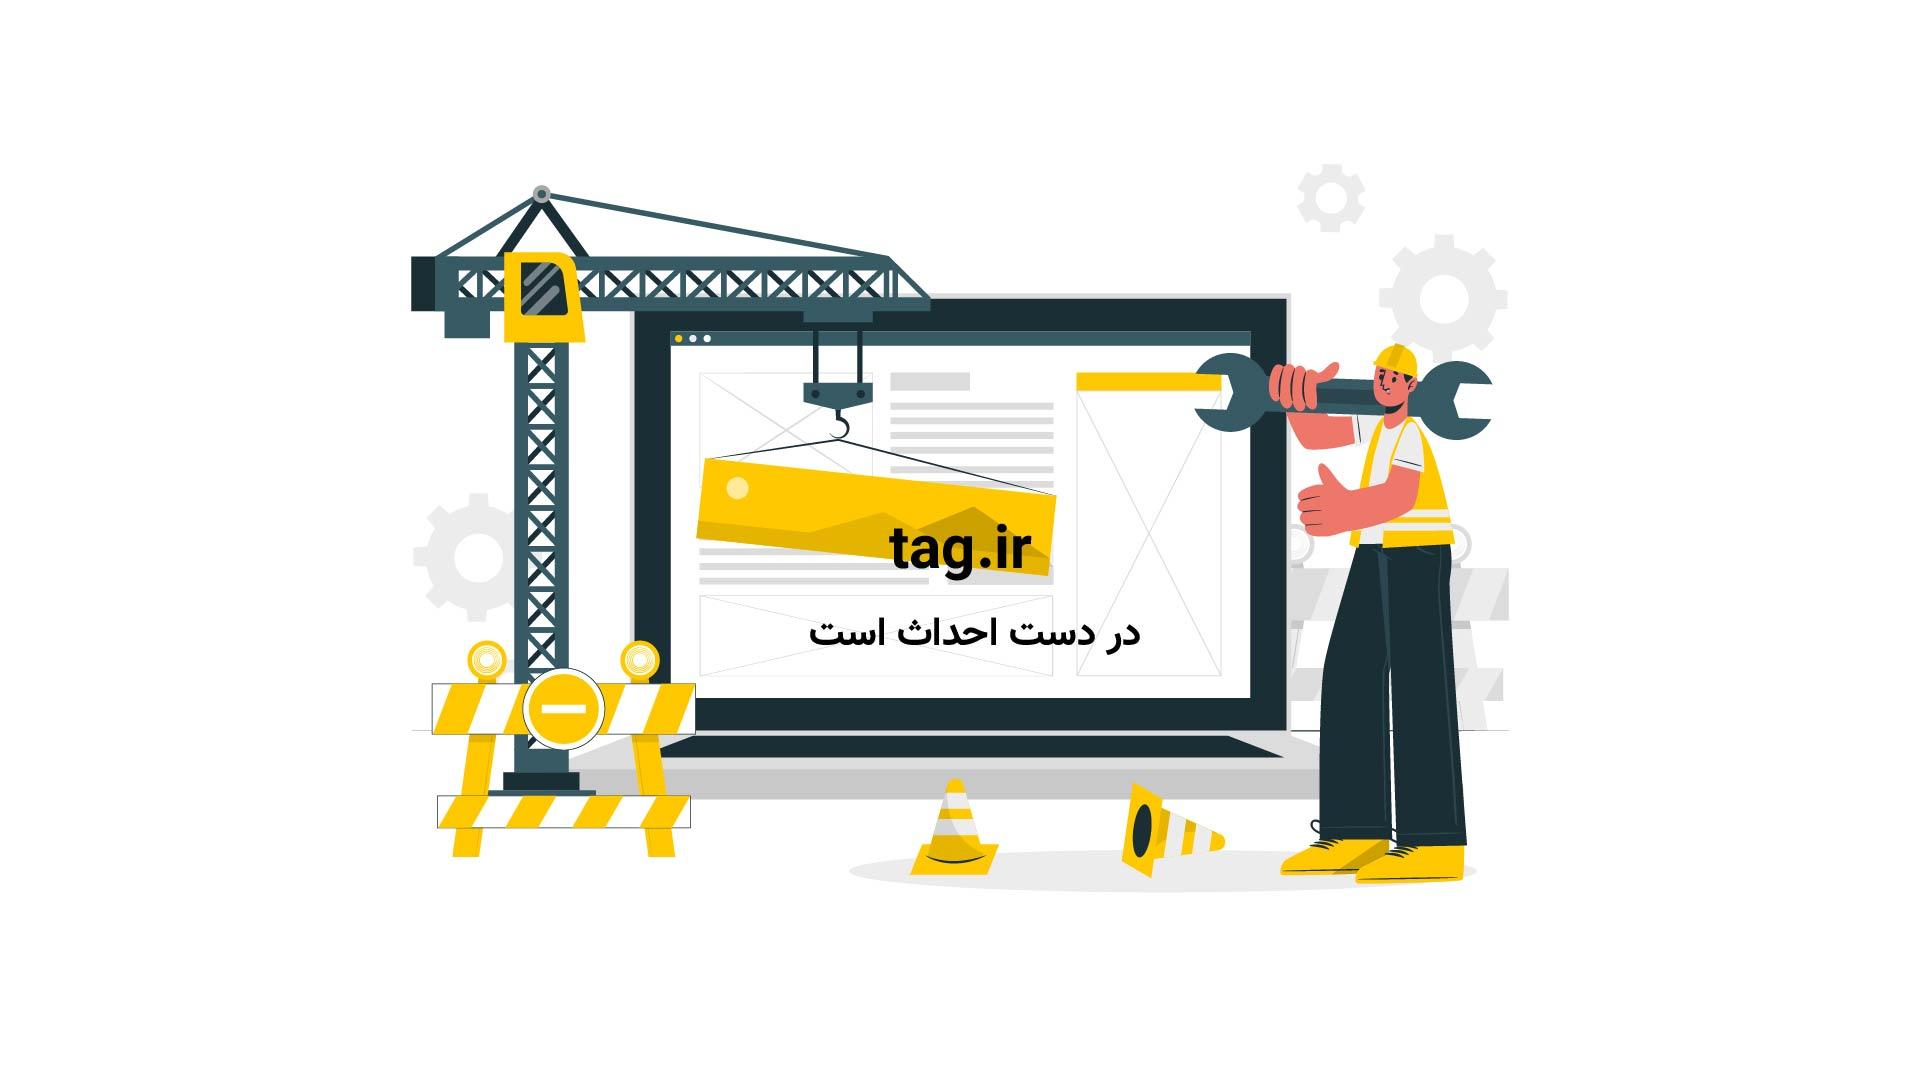 قهرمانی میلان در سوپر جام ایتالیا | فیلم